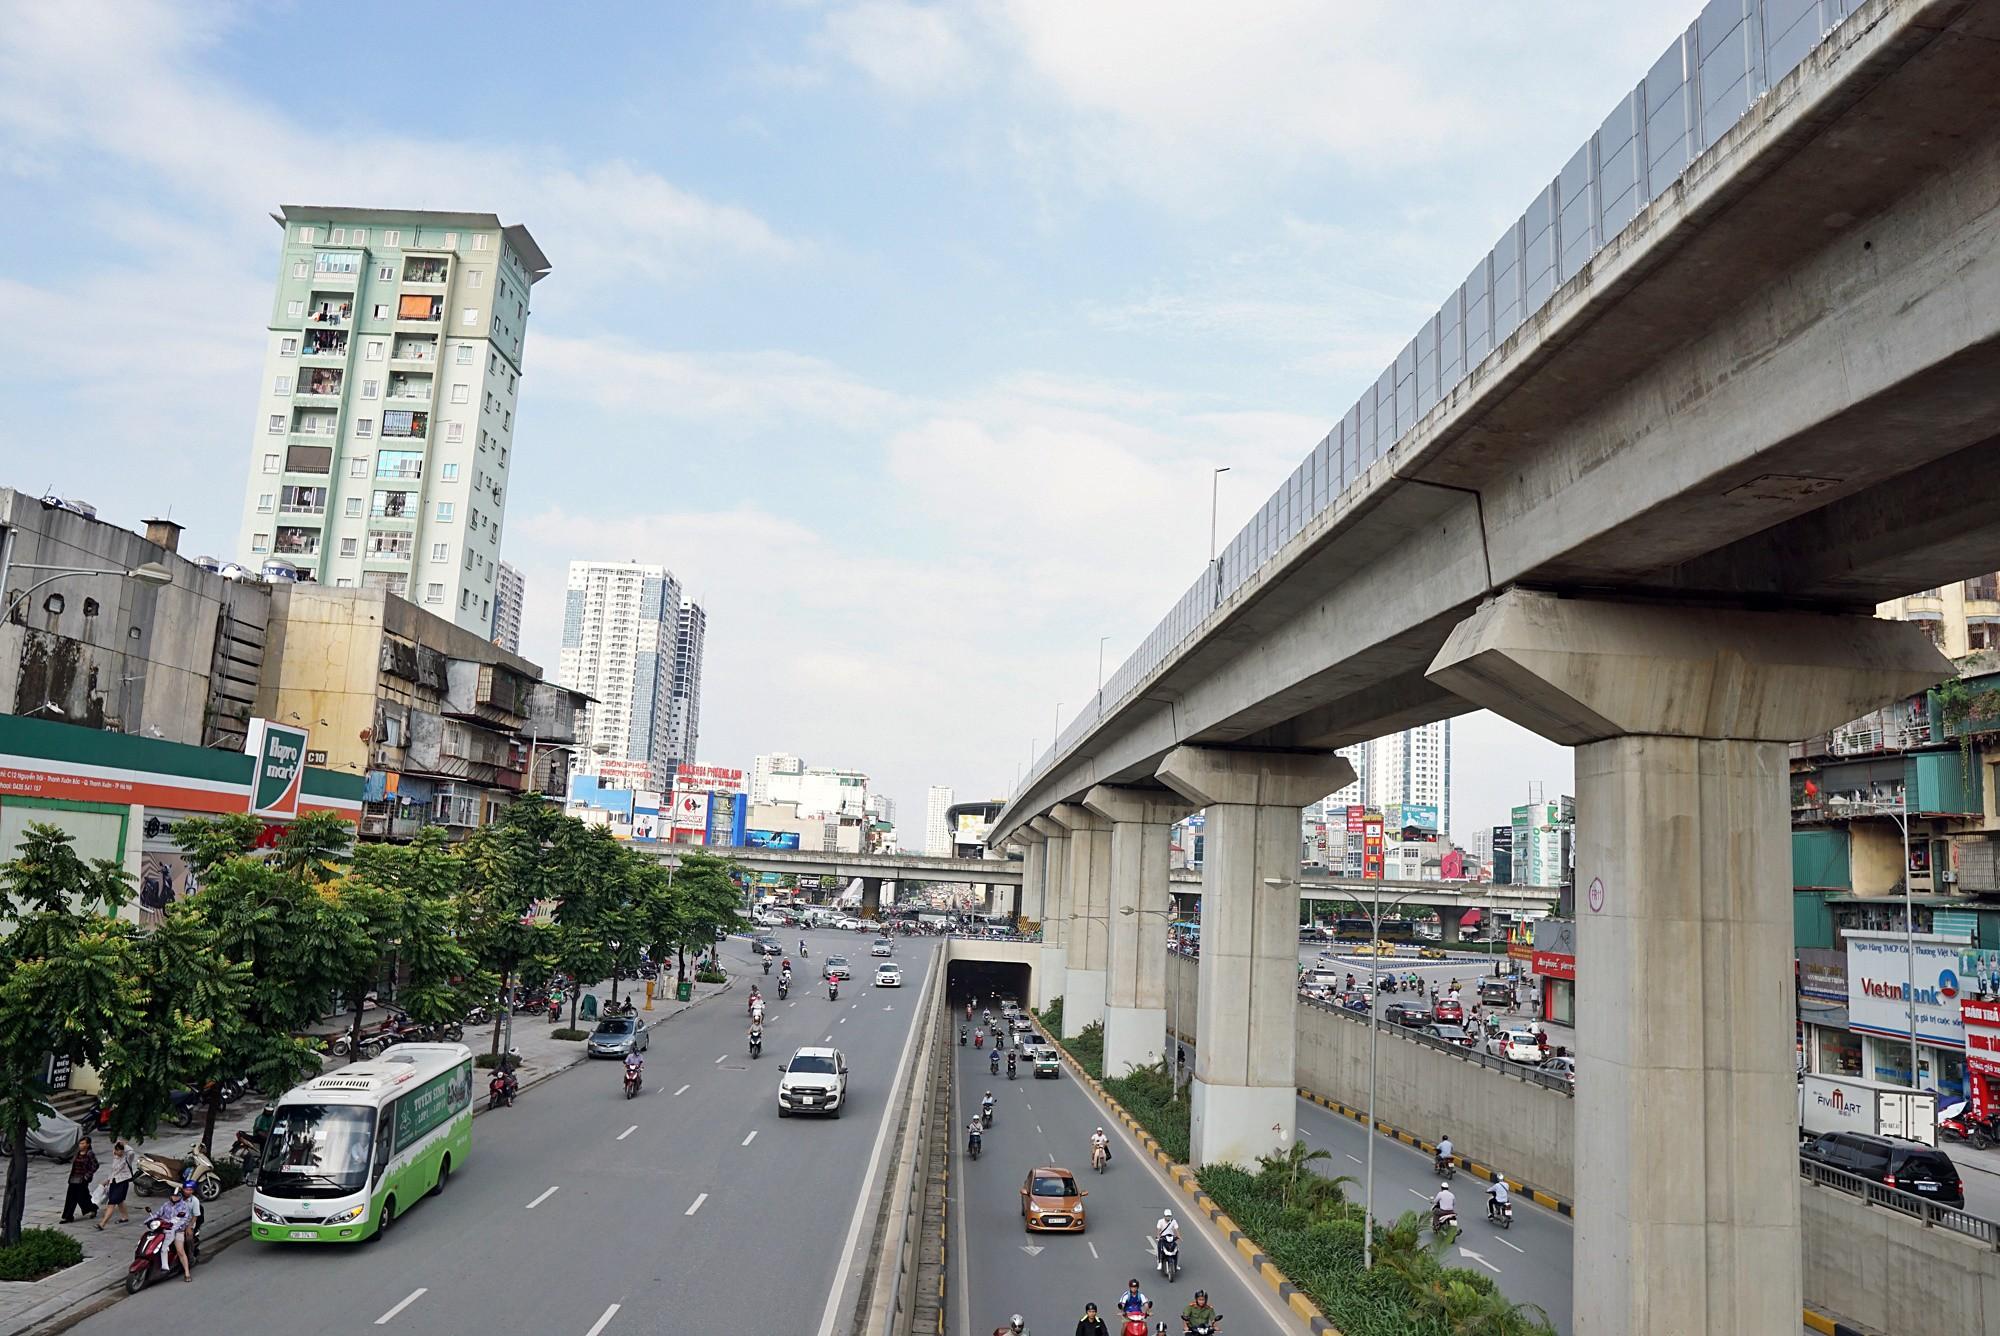 Nhà đầu tư công trình giao thông năng lực yếu, ý thức kém: Ai chịu trách nhiệm? - Ảnh 1.